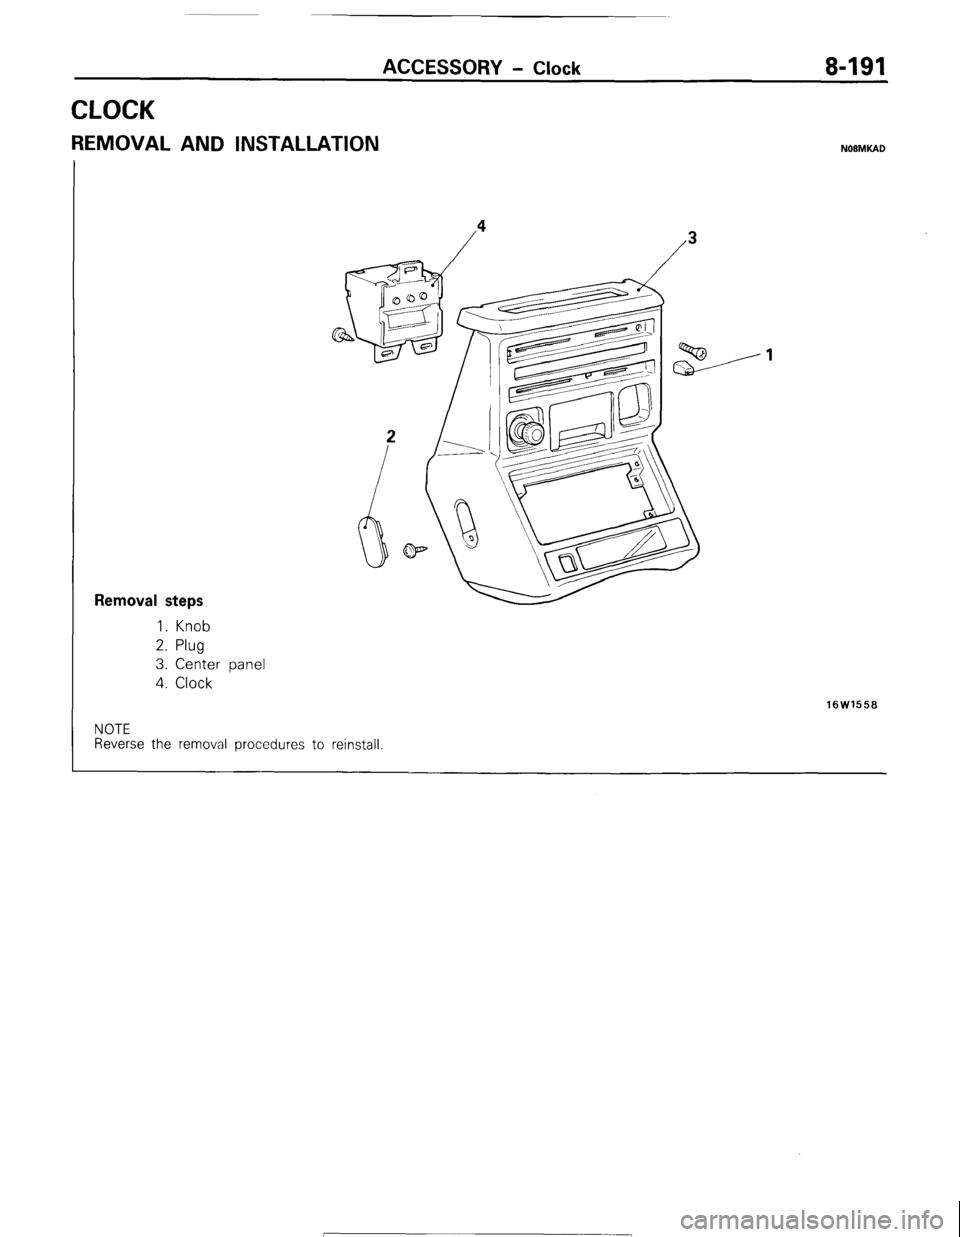 Mitsubishi Montero 1987 1g Workshop Manual Wiring Diagram For